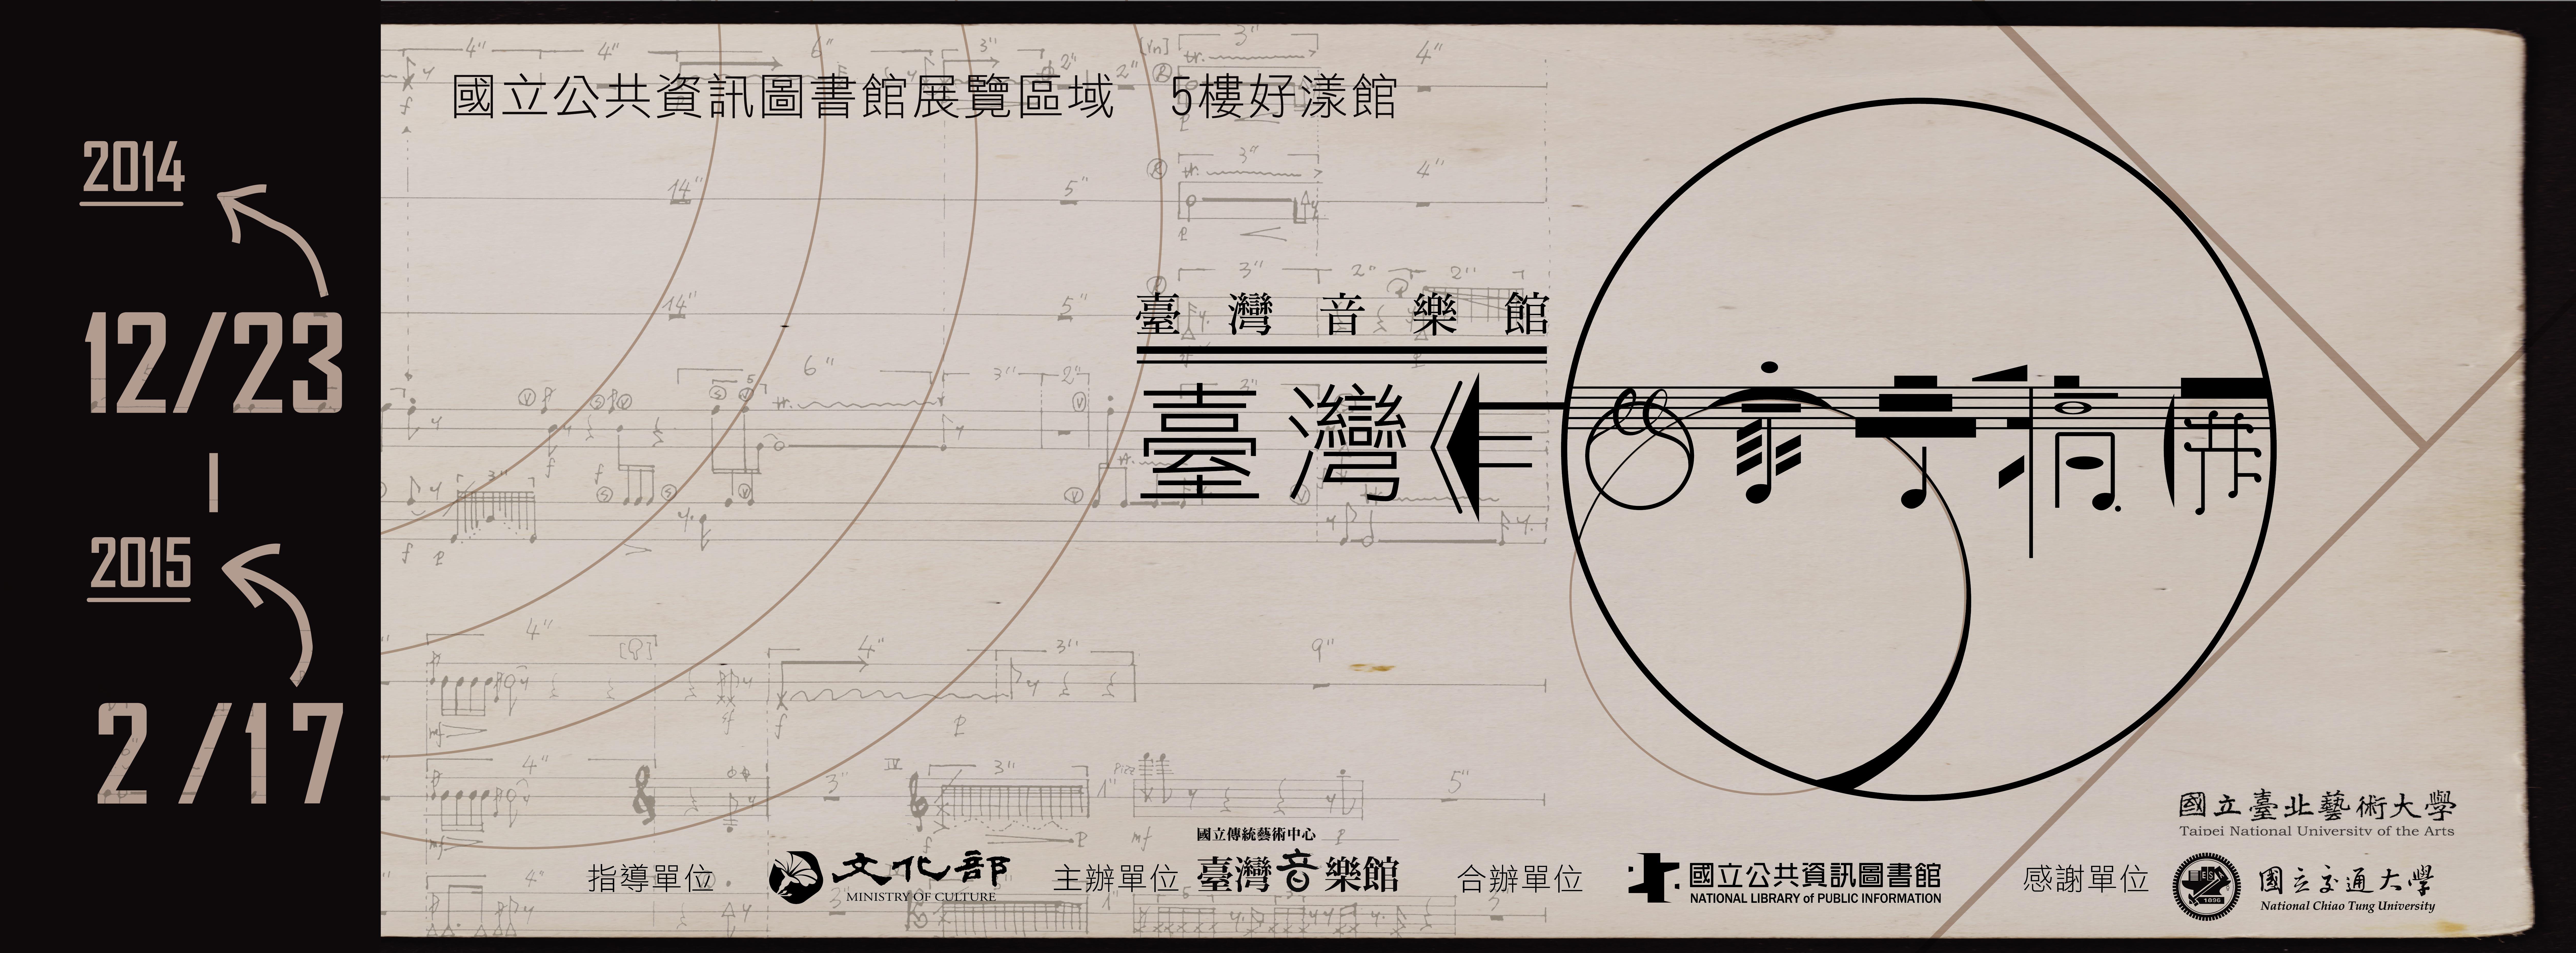 「2014臺灣作曲家手稿展」記者會新聞稿 手稿典藏世代聲息 樂音流轉穿越古今